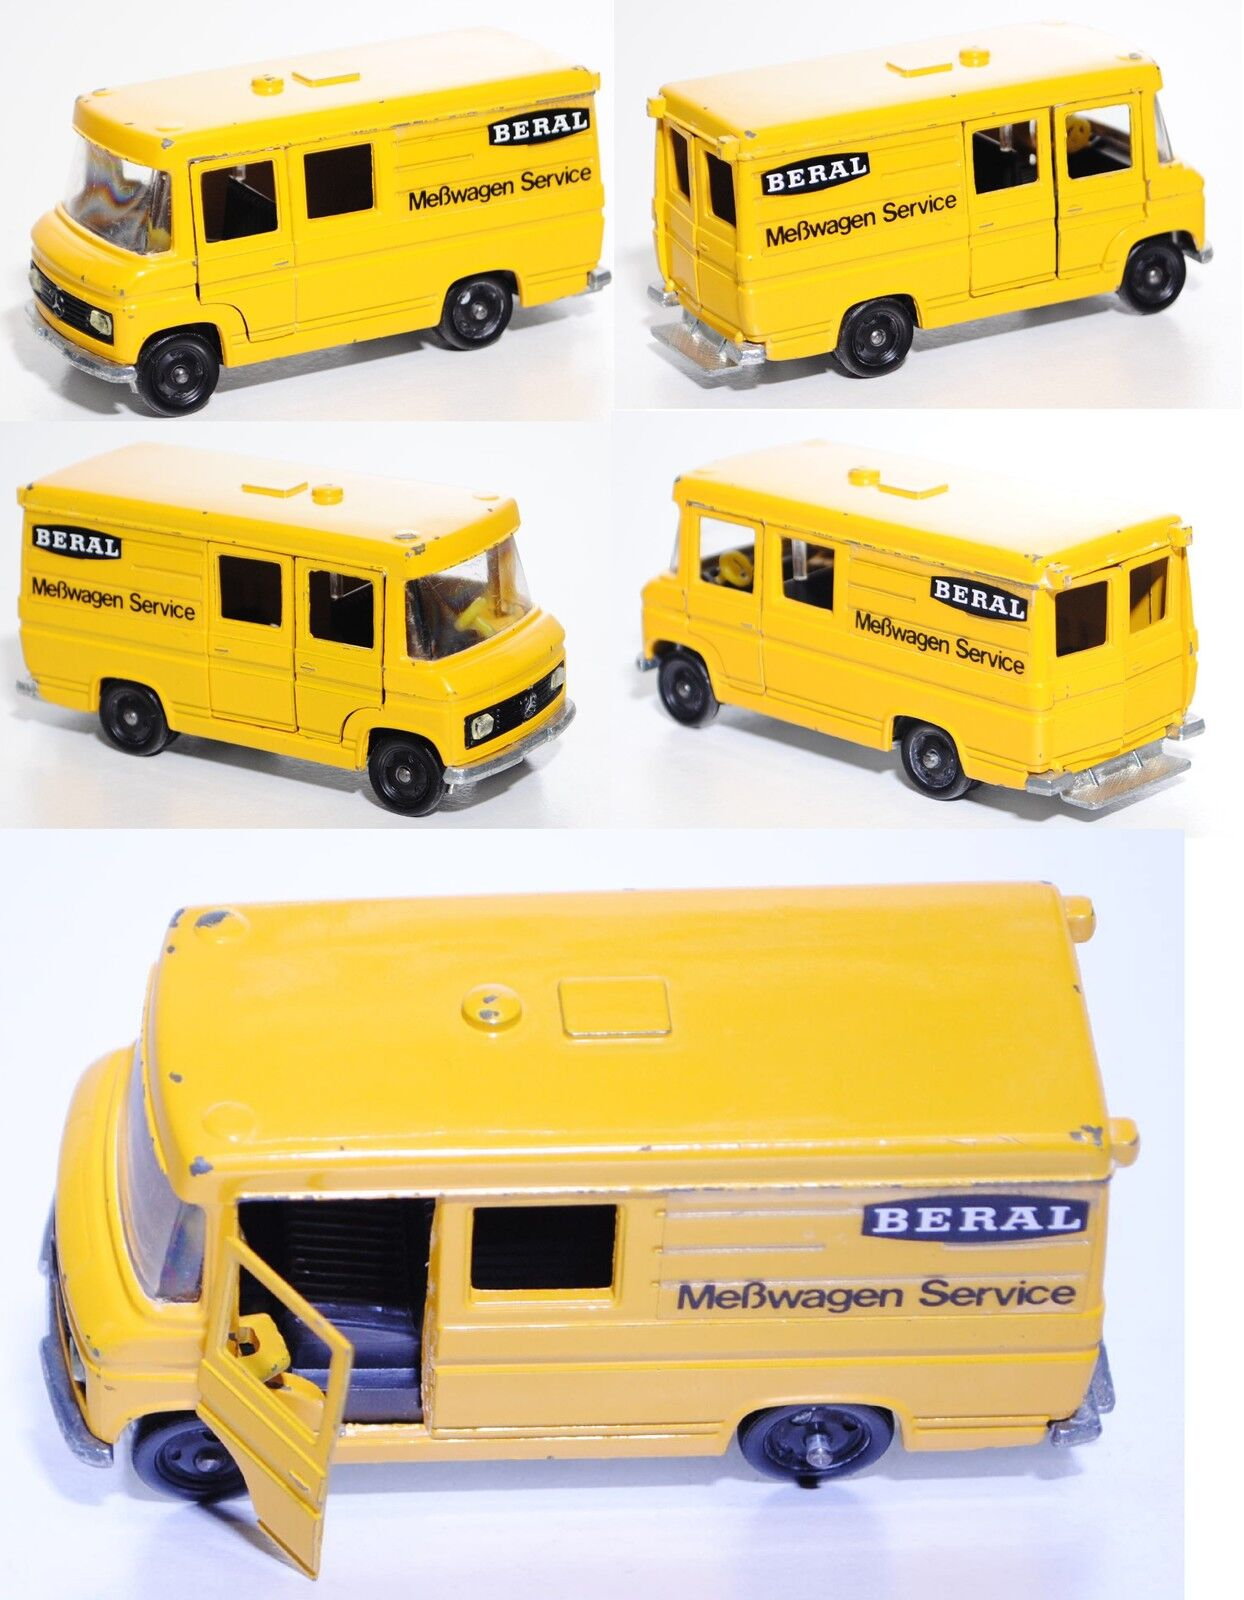 SIKU v305 Mercedes-Benz L 406 D courrier, BERAL, spécial modèle, modèle publicitaire